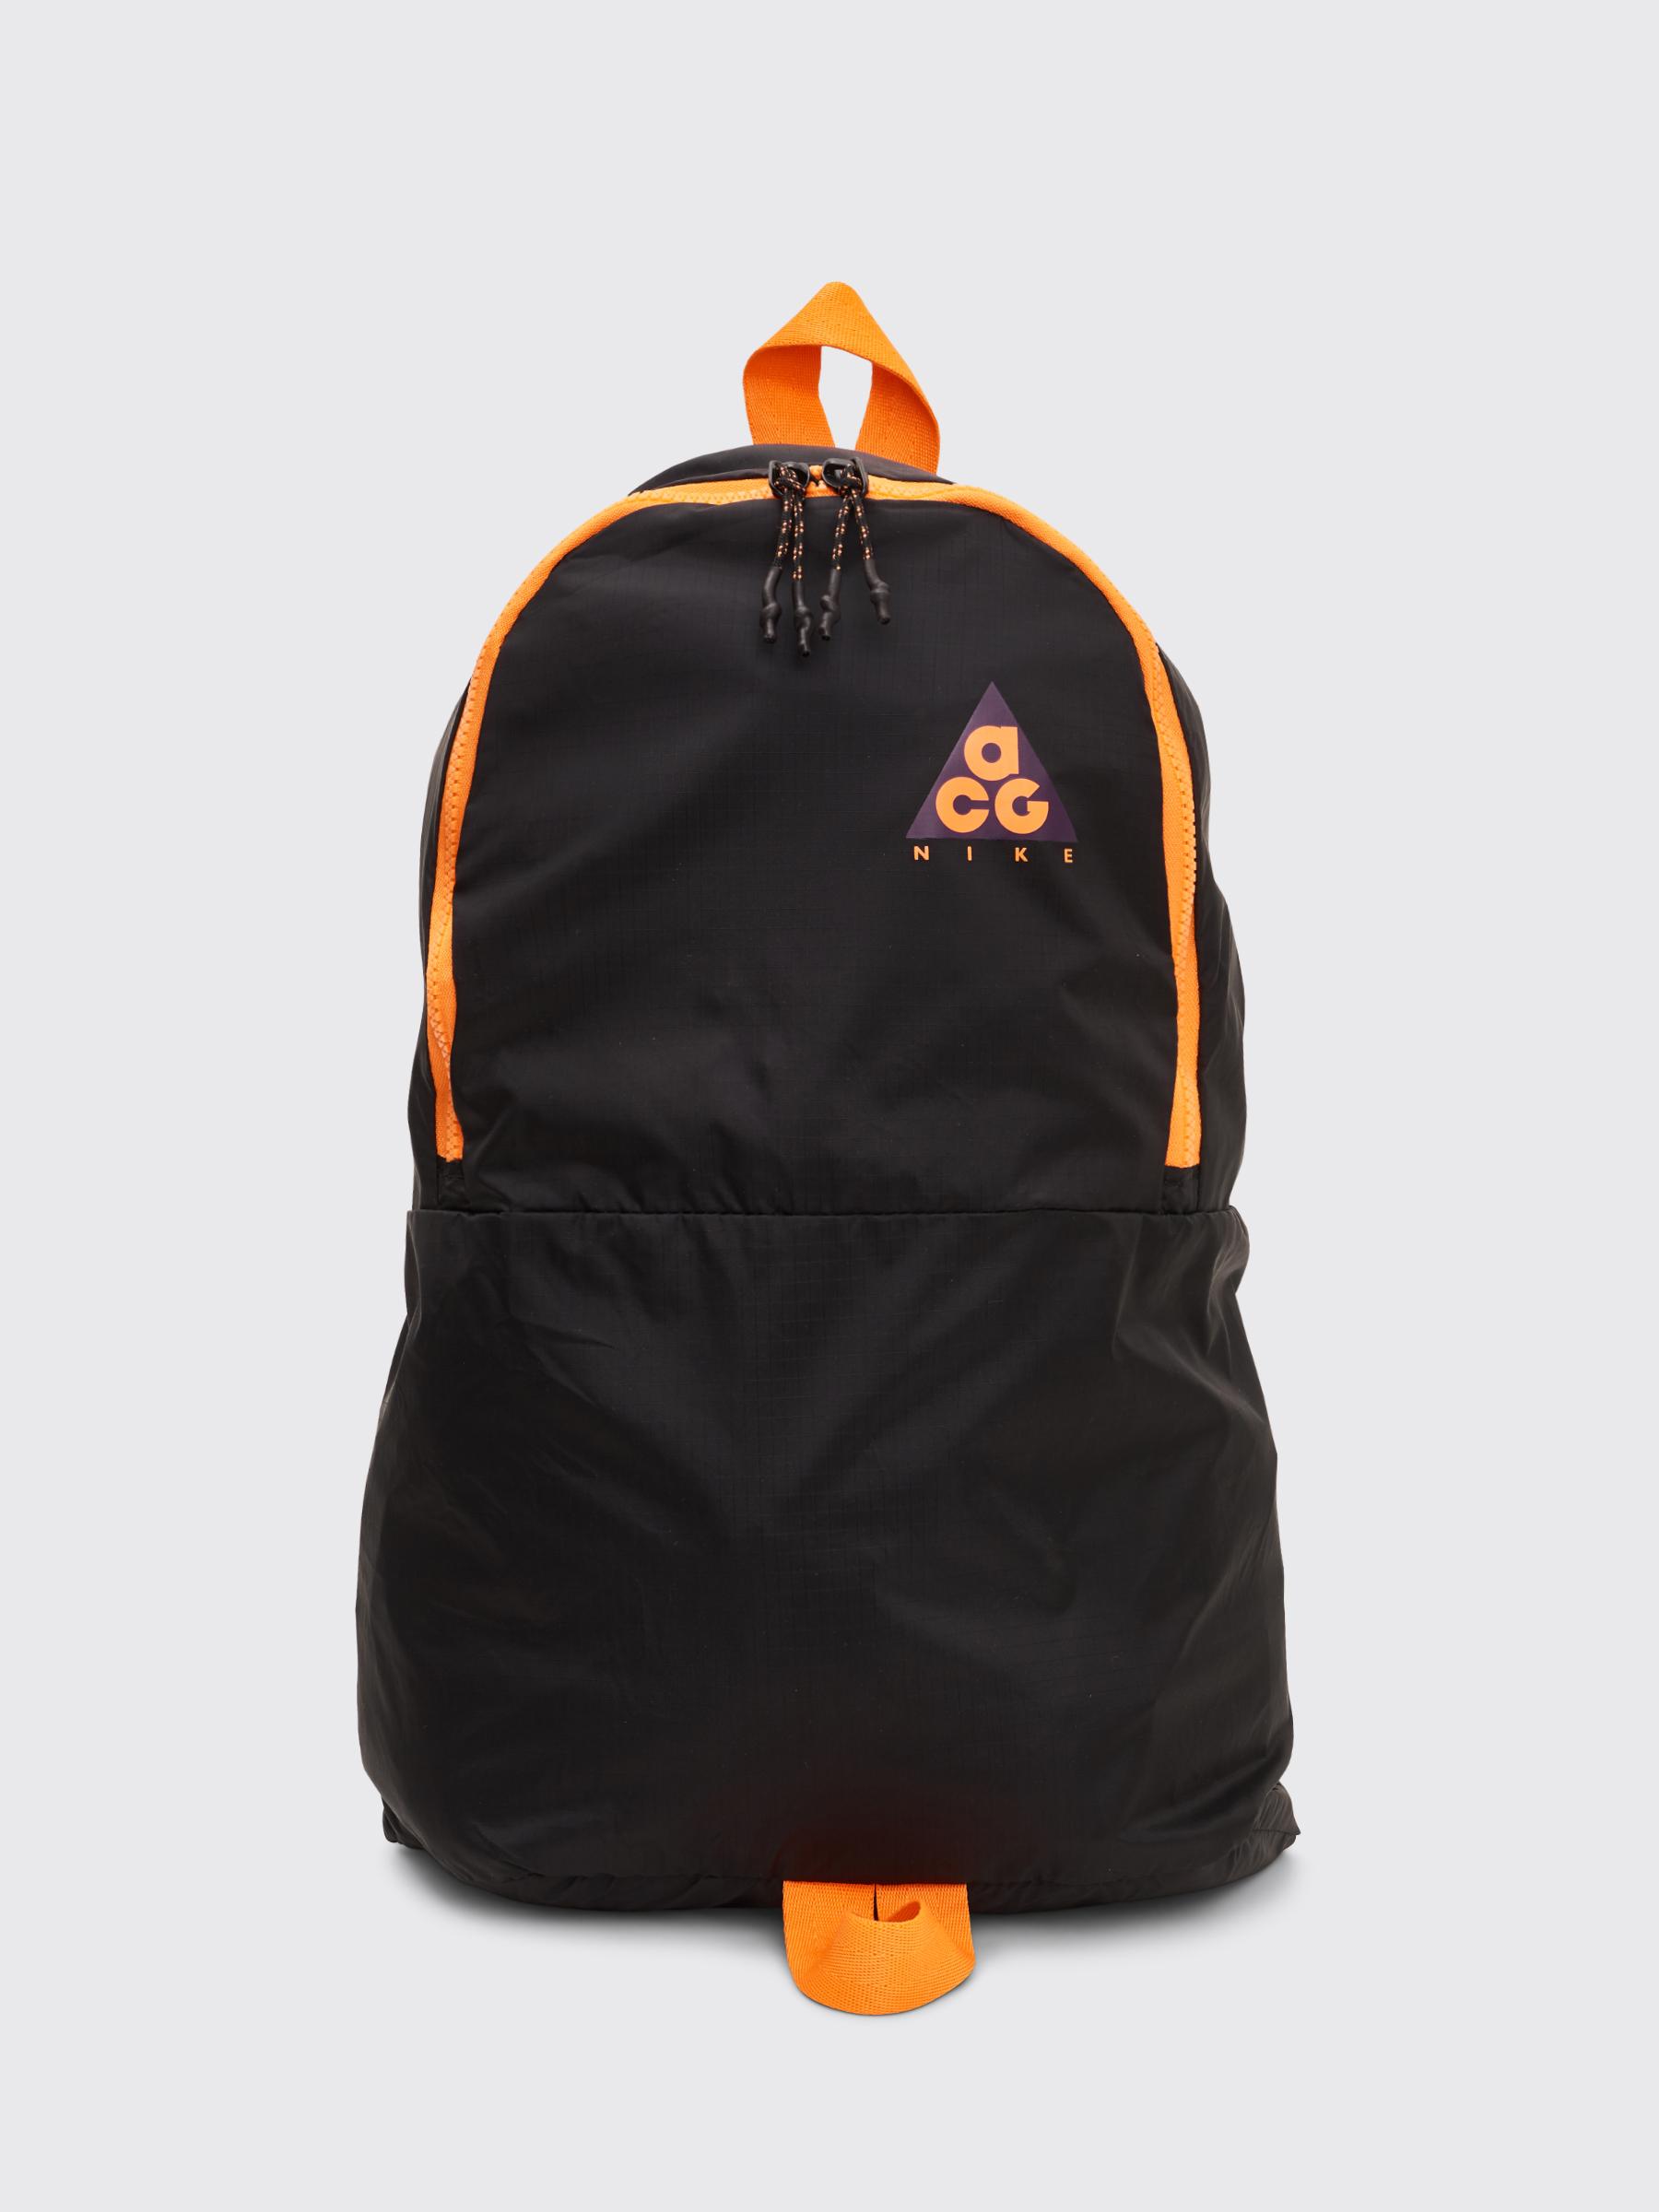 7c59917eae5 Très Bien - Nike ACG Packable Backpack Black   Night Purple   Bright ...